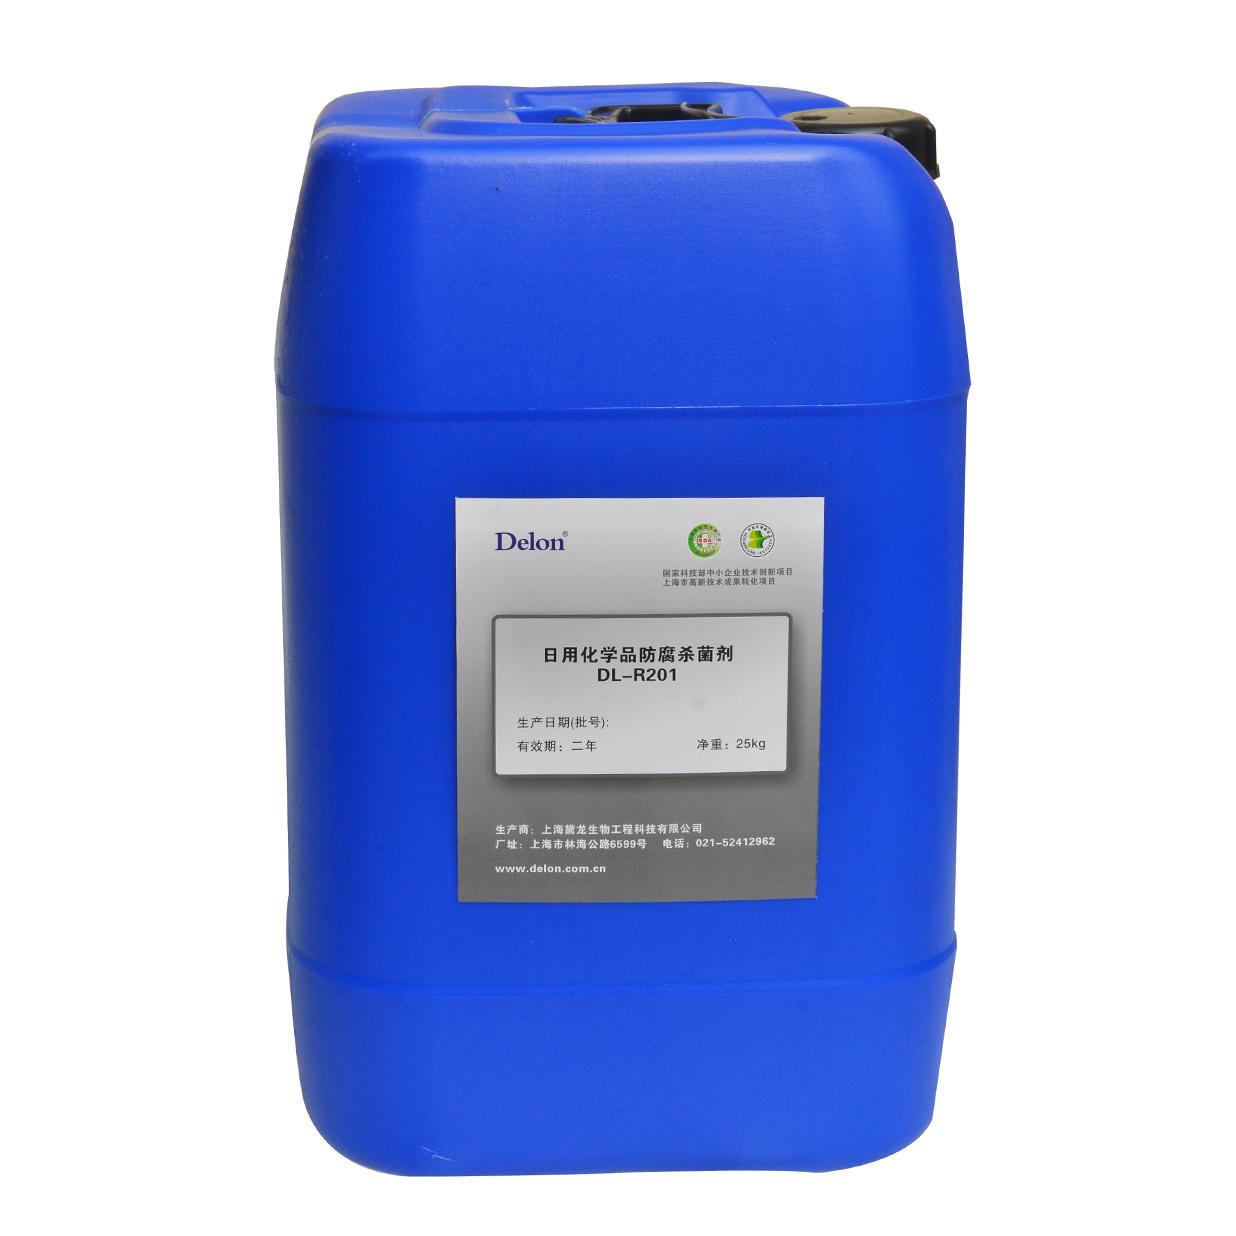 日用化学品防腐杀菌剂DL-R201